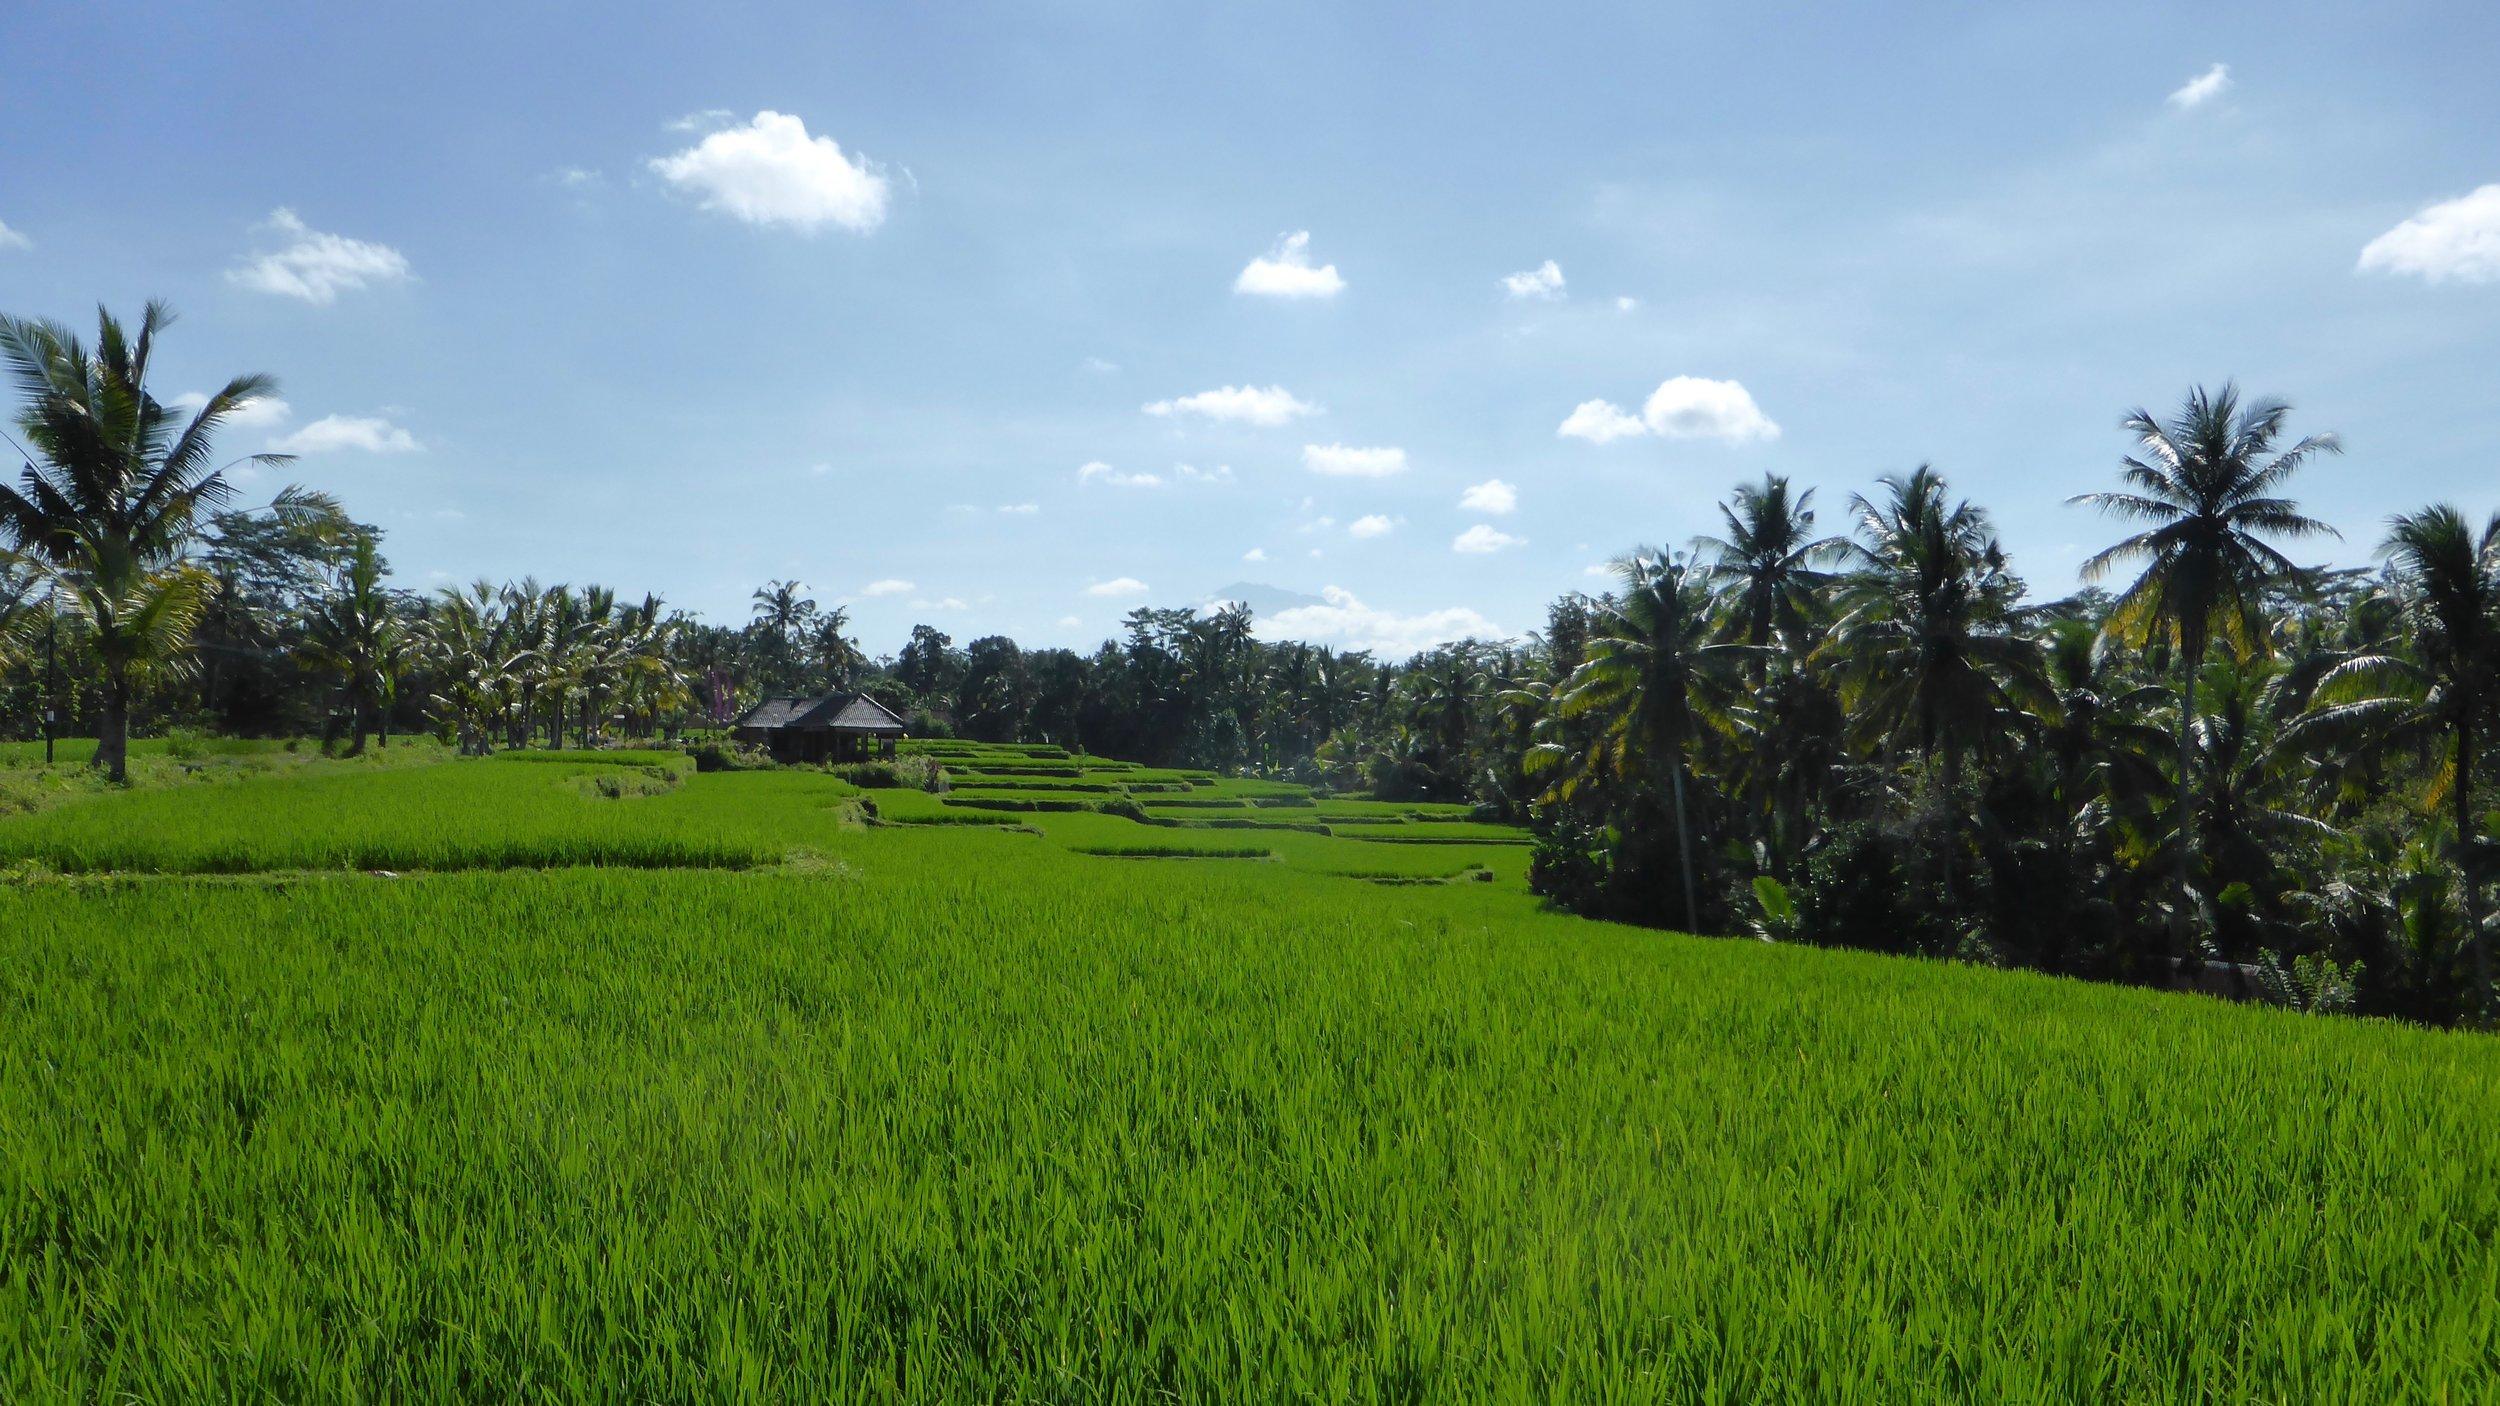 Rice terraces, Ubud, Bali, Indonesia @acrosslandsea